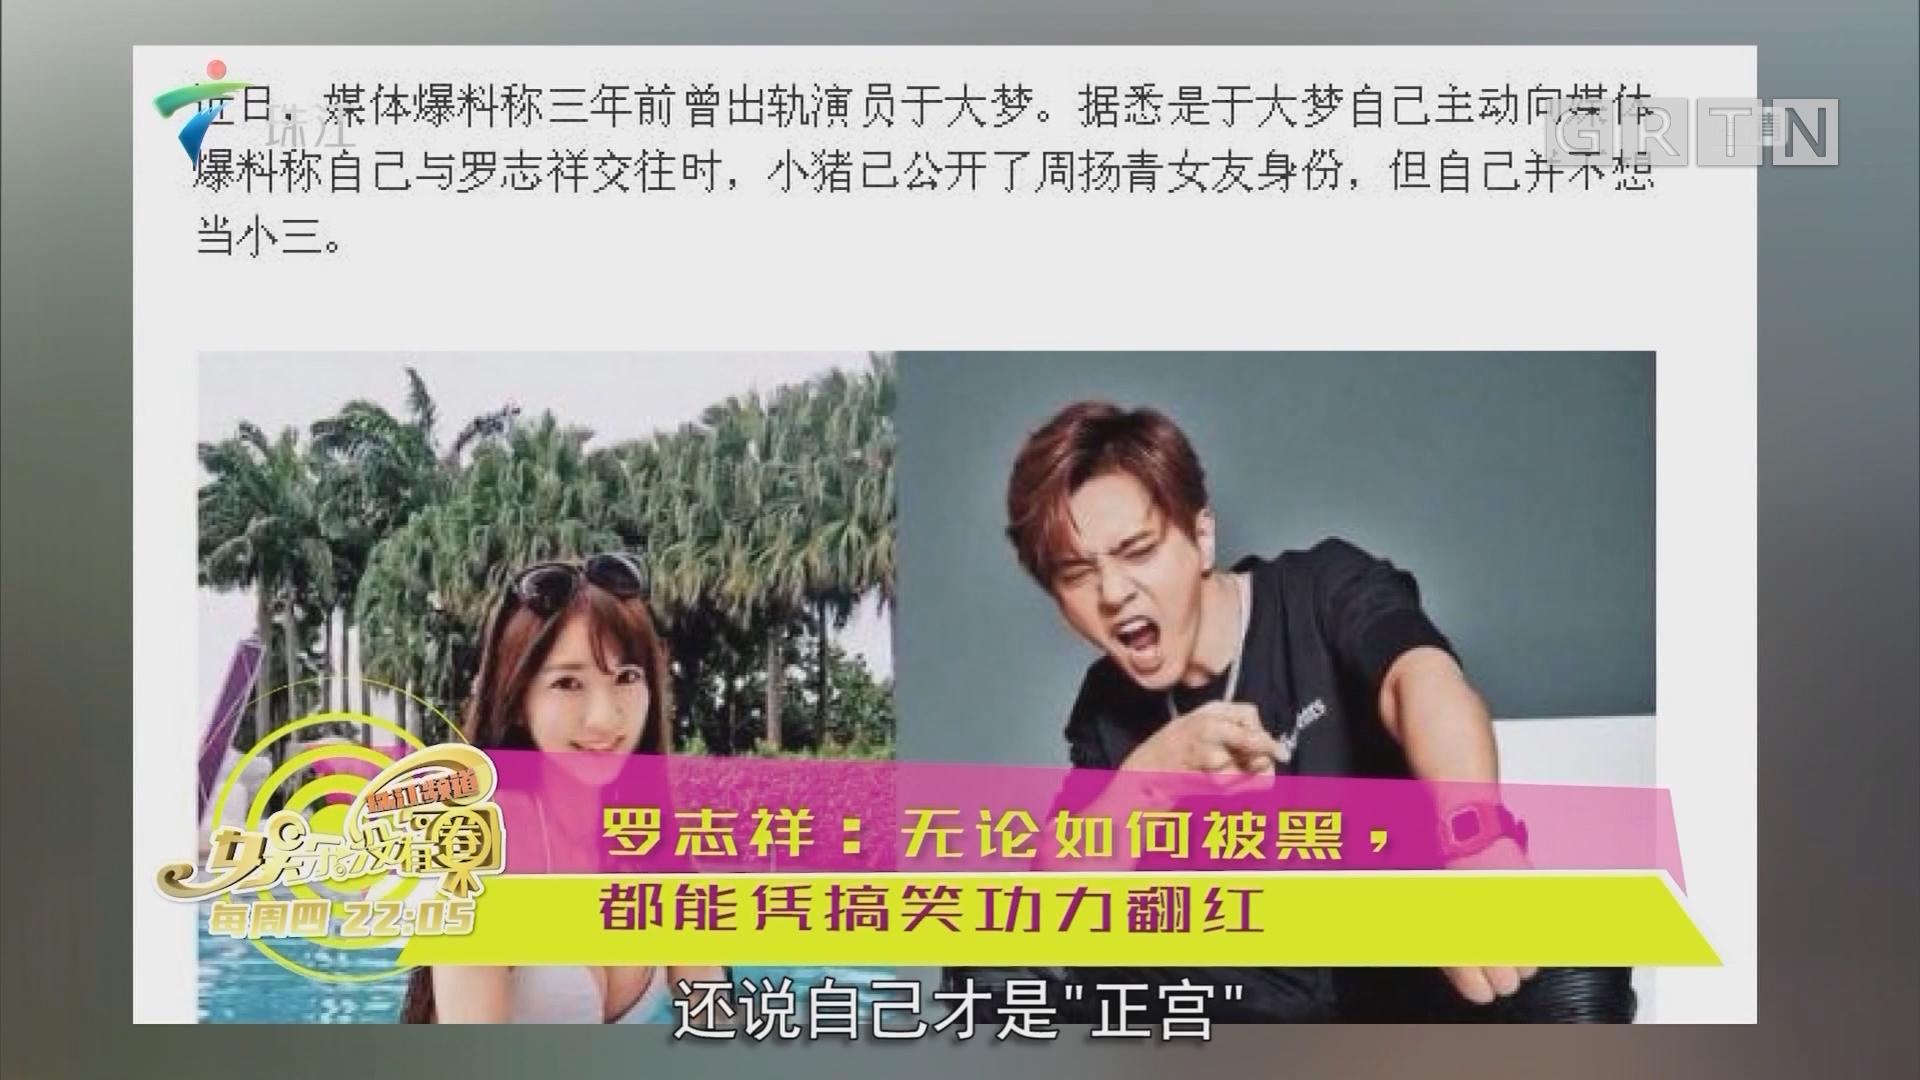 [HD][2019-07-04]娱乐没有圈:罗志祥:无论如何被黑,都能凭搞笑功力翻红